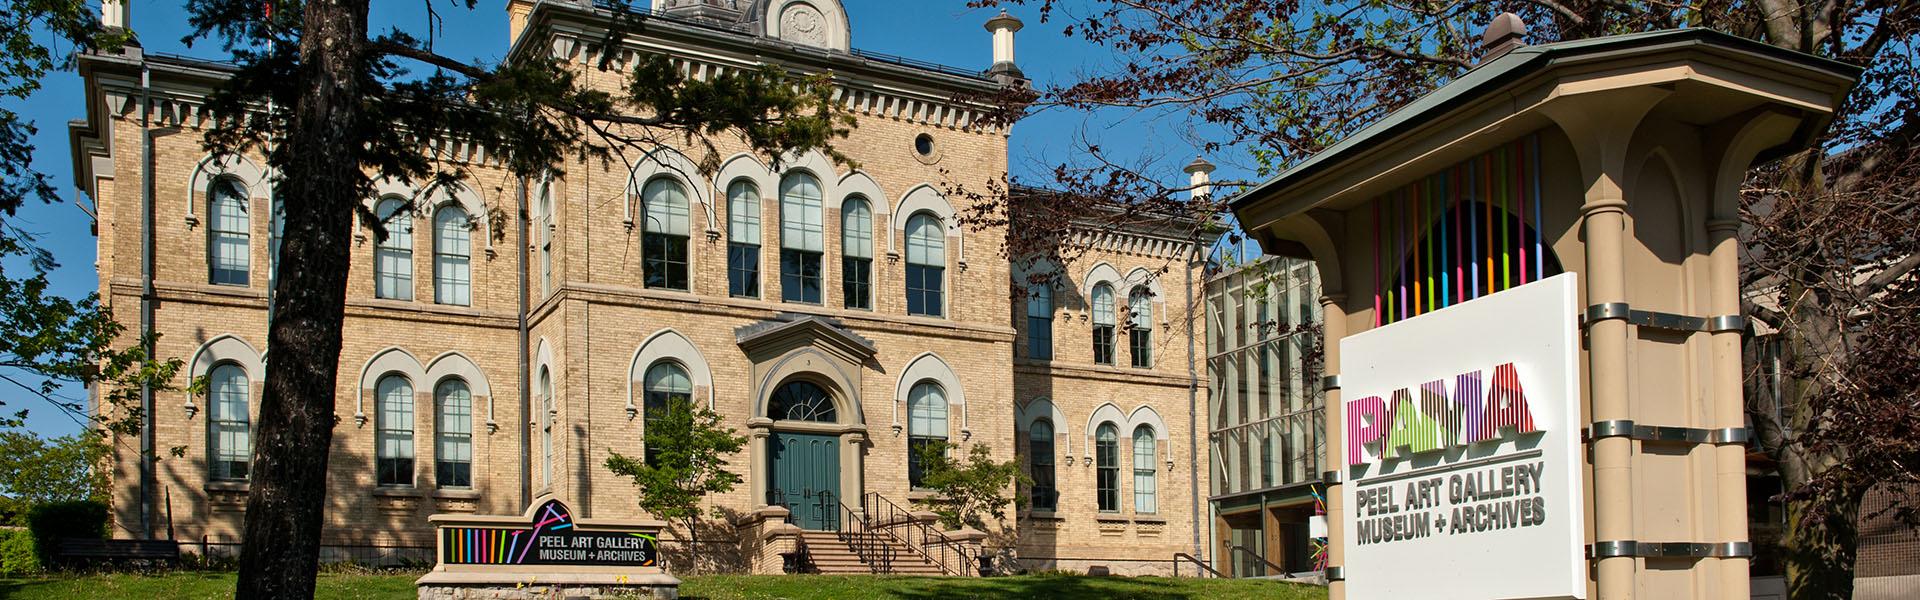 Palais de justice et prison du comté de Peel